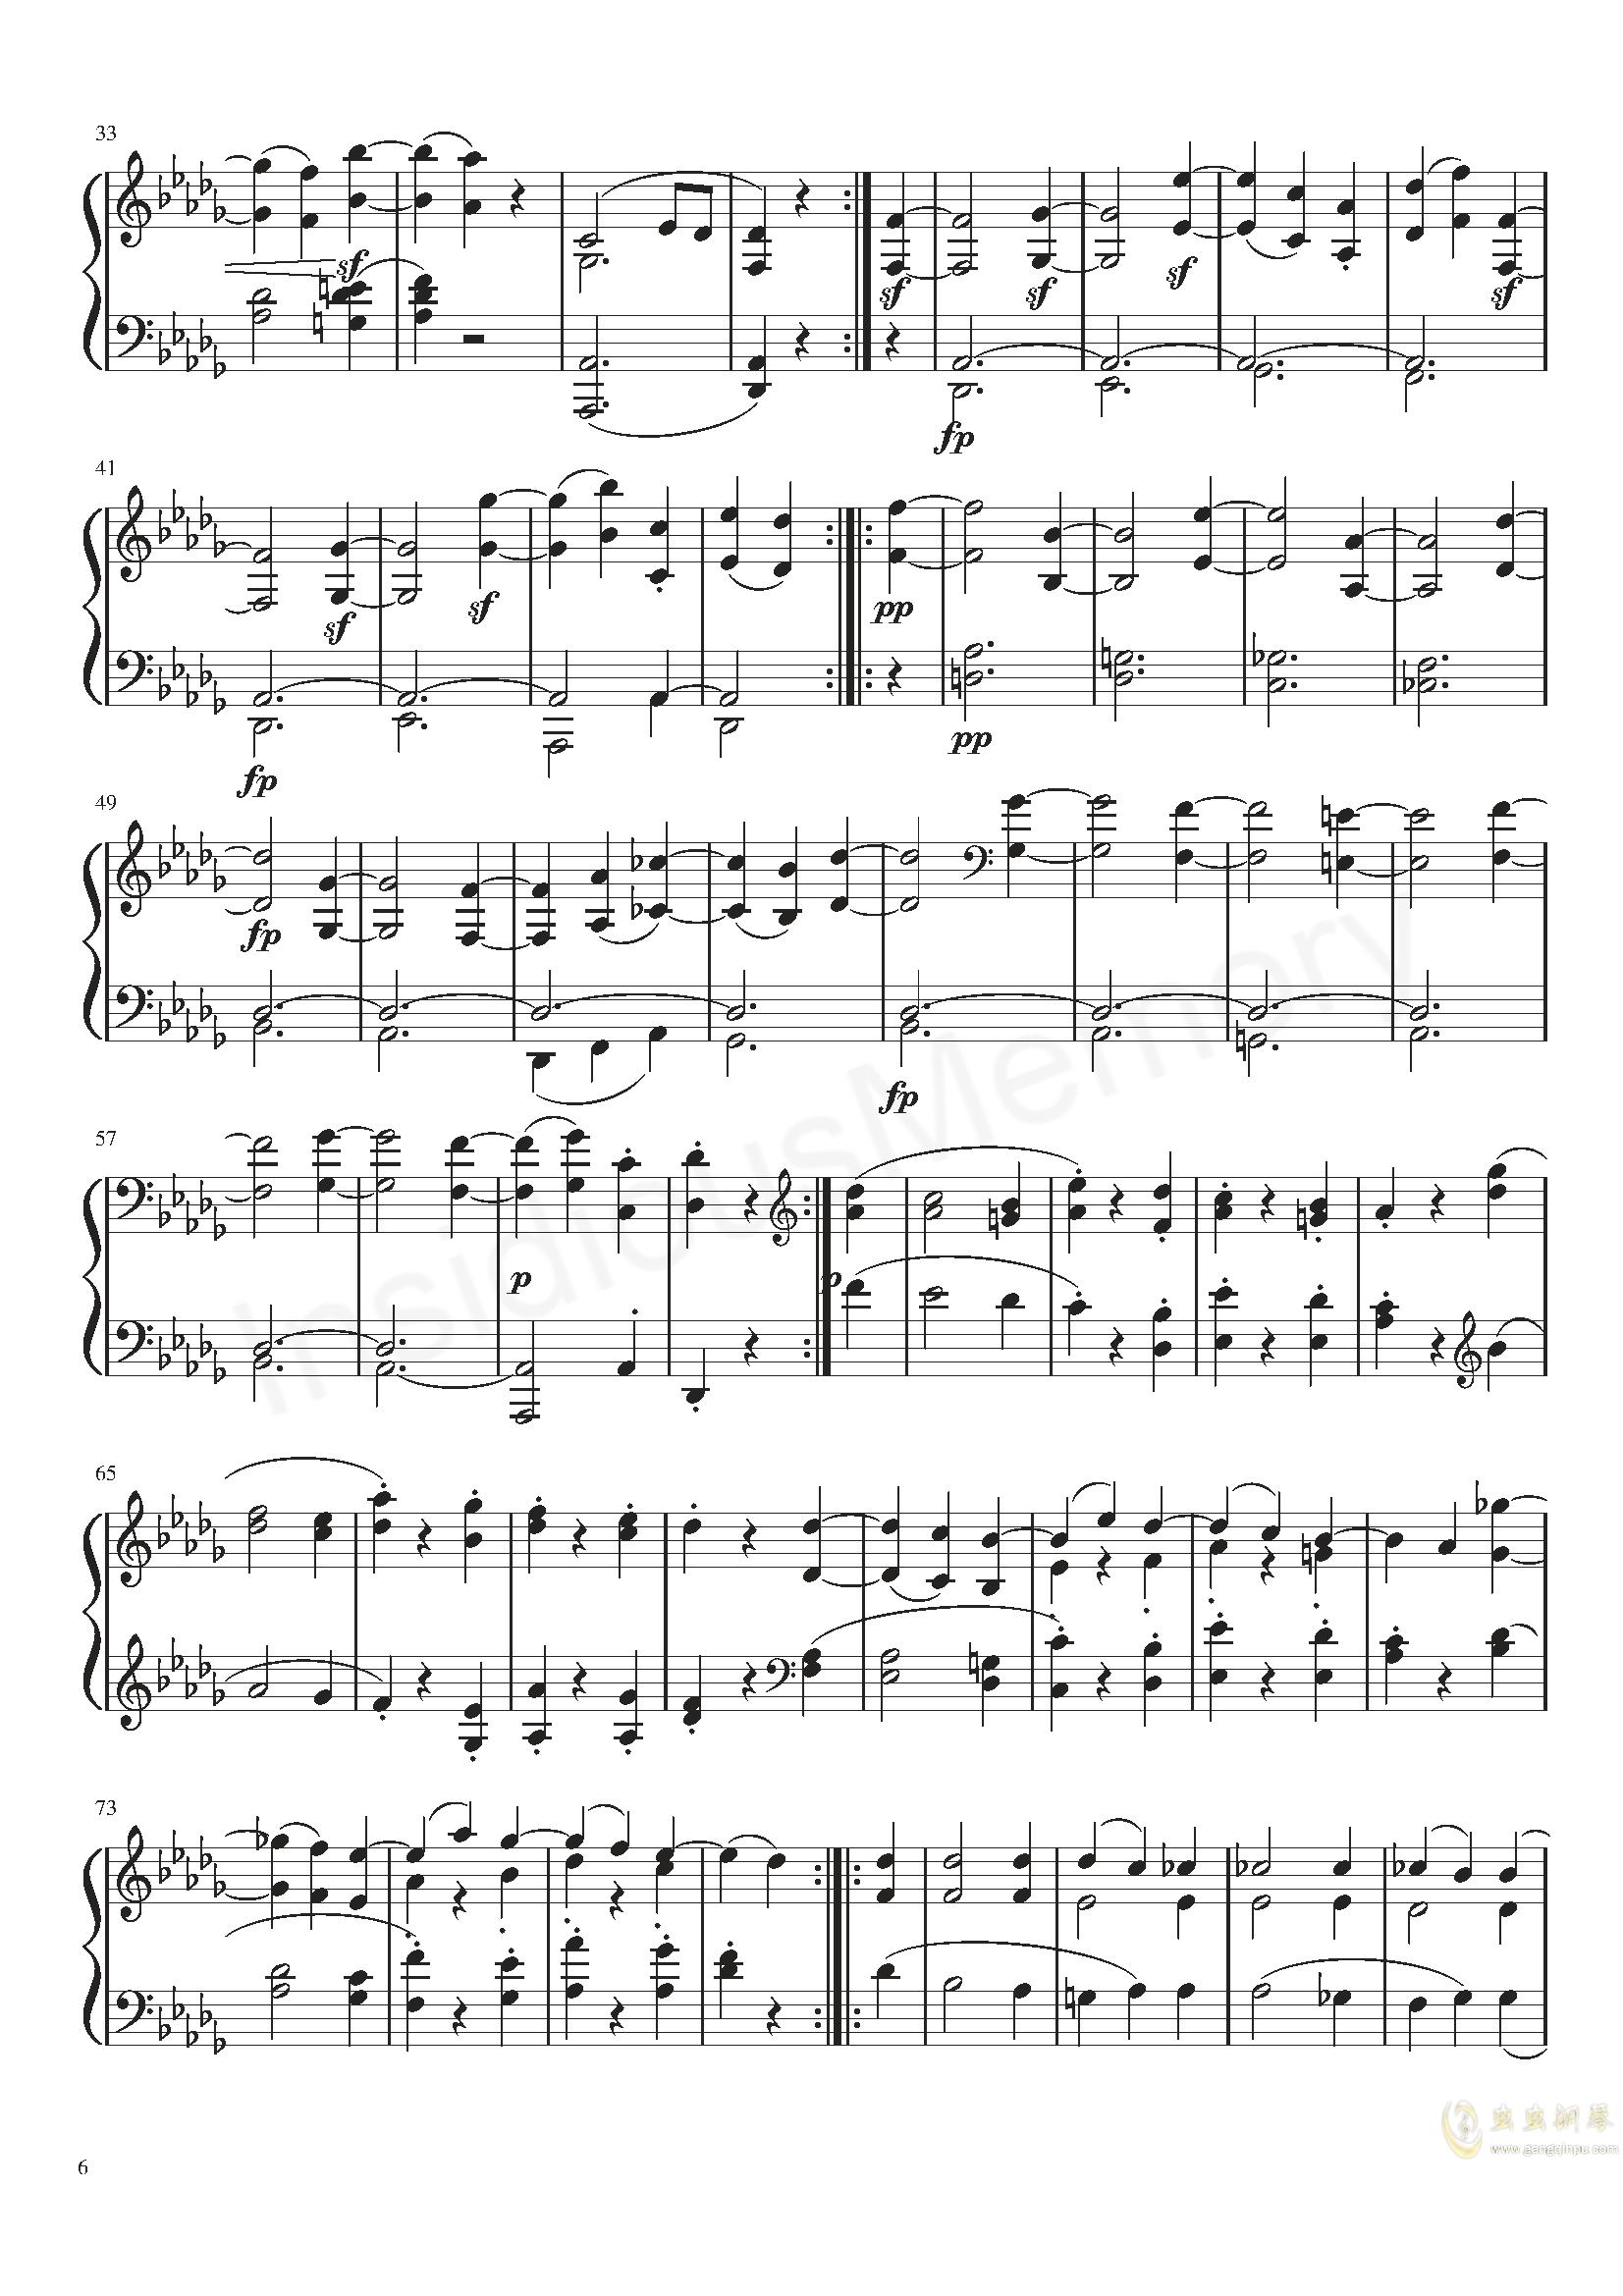 月光奏鸣曲钢琴谱 第6页